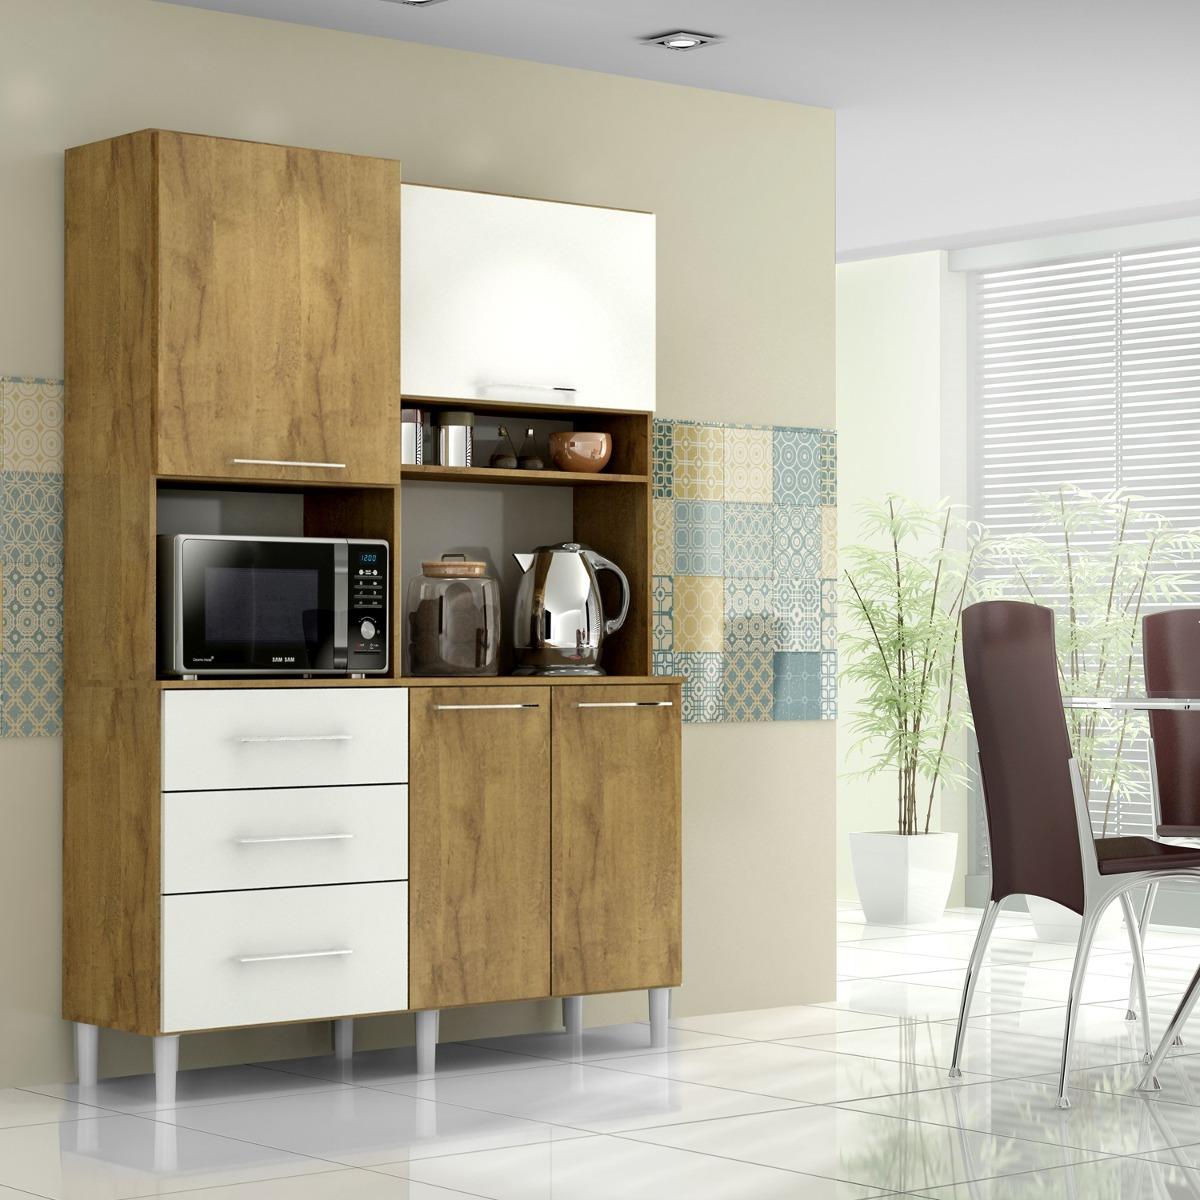 Cozinha Compacta Juliana Castanho Branco R 680 00 Em Mercado Livre